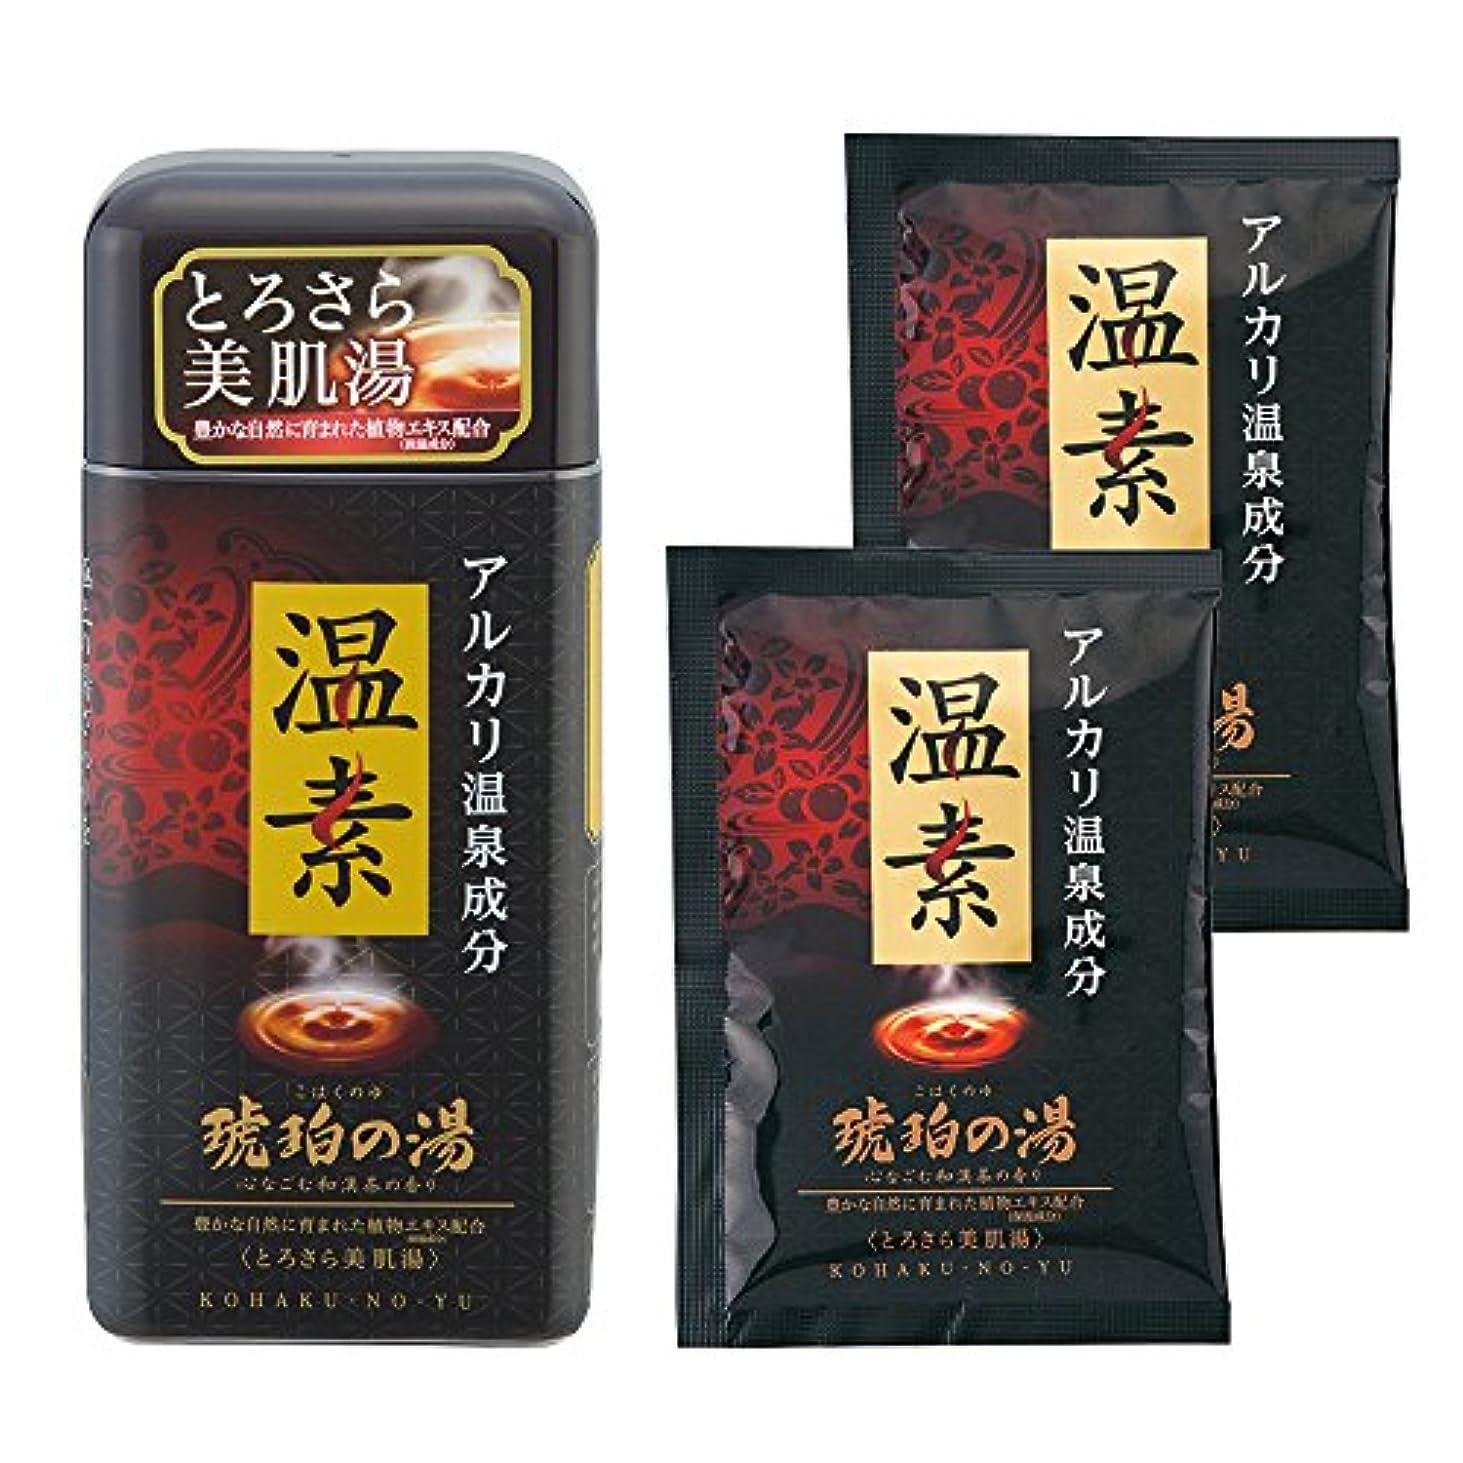 【医薬部外品】【分包2包付】温素 入浴剤 琥珀の湯 [600g + 分包2包]